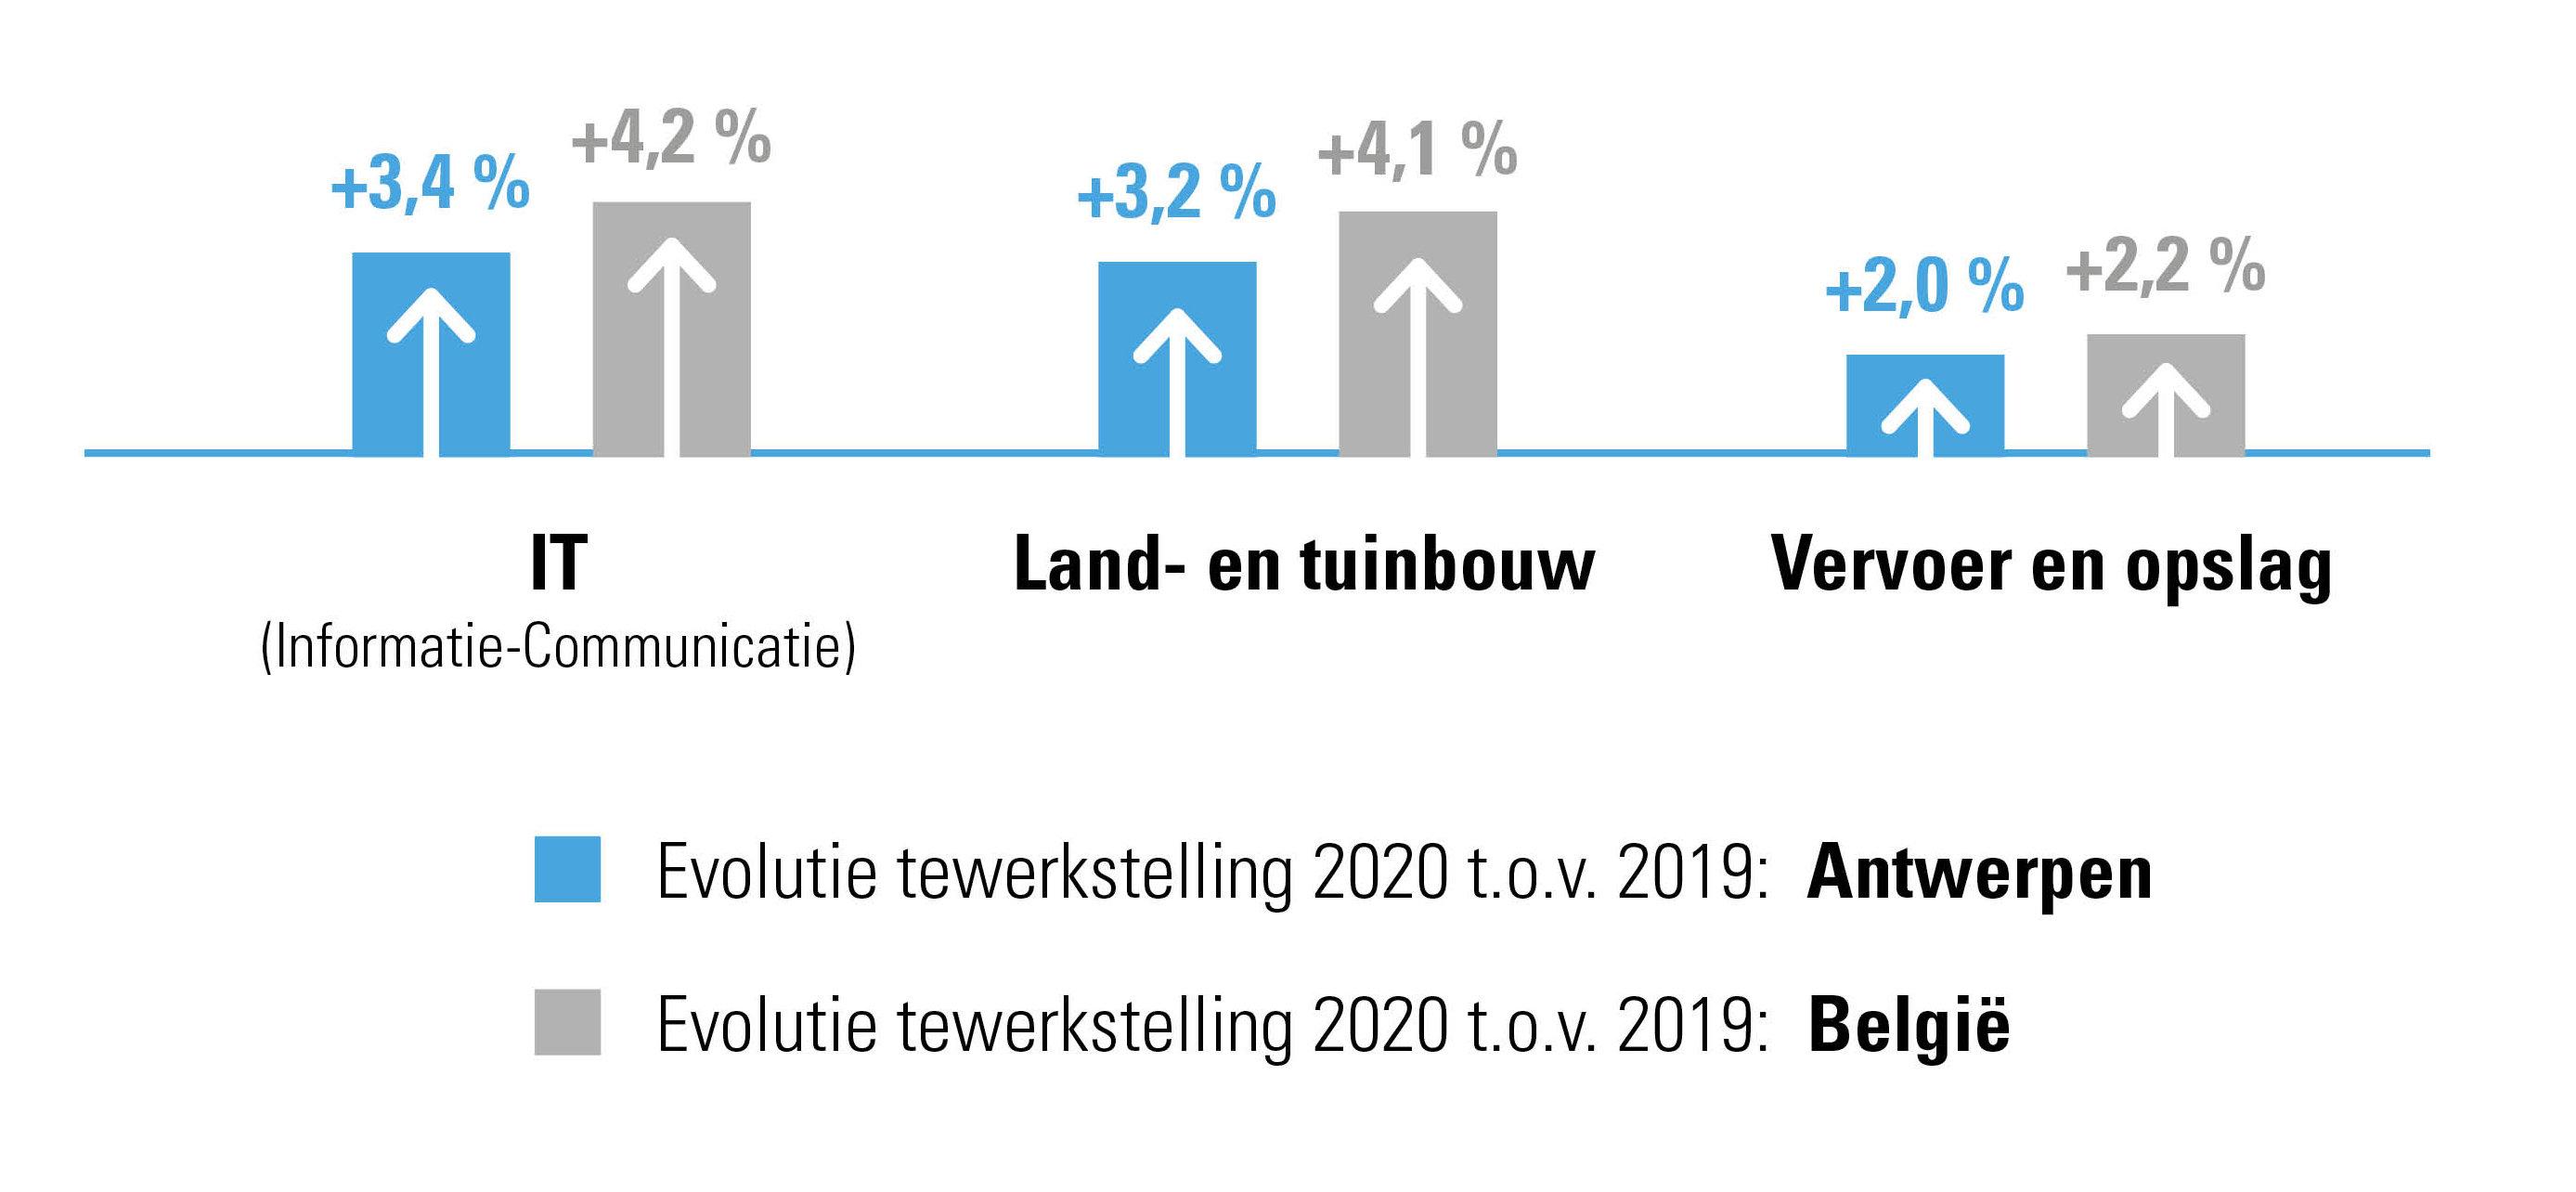 Sterkste groeisectoren in 2020 op vlak van personeelsbestand in provincie Antwerpen